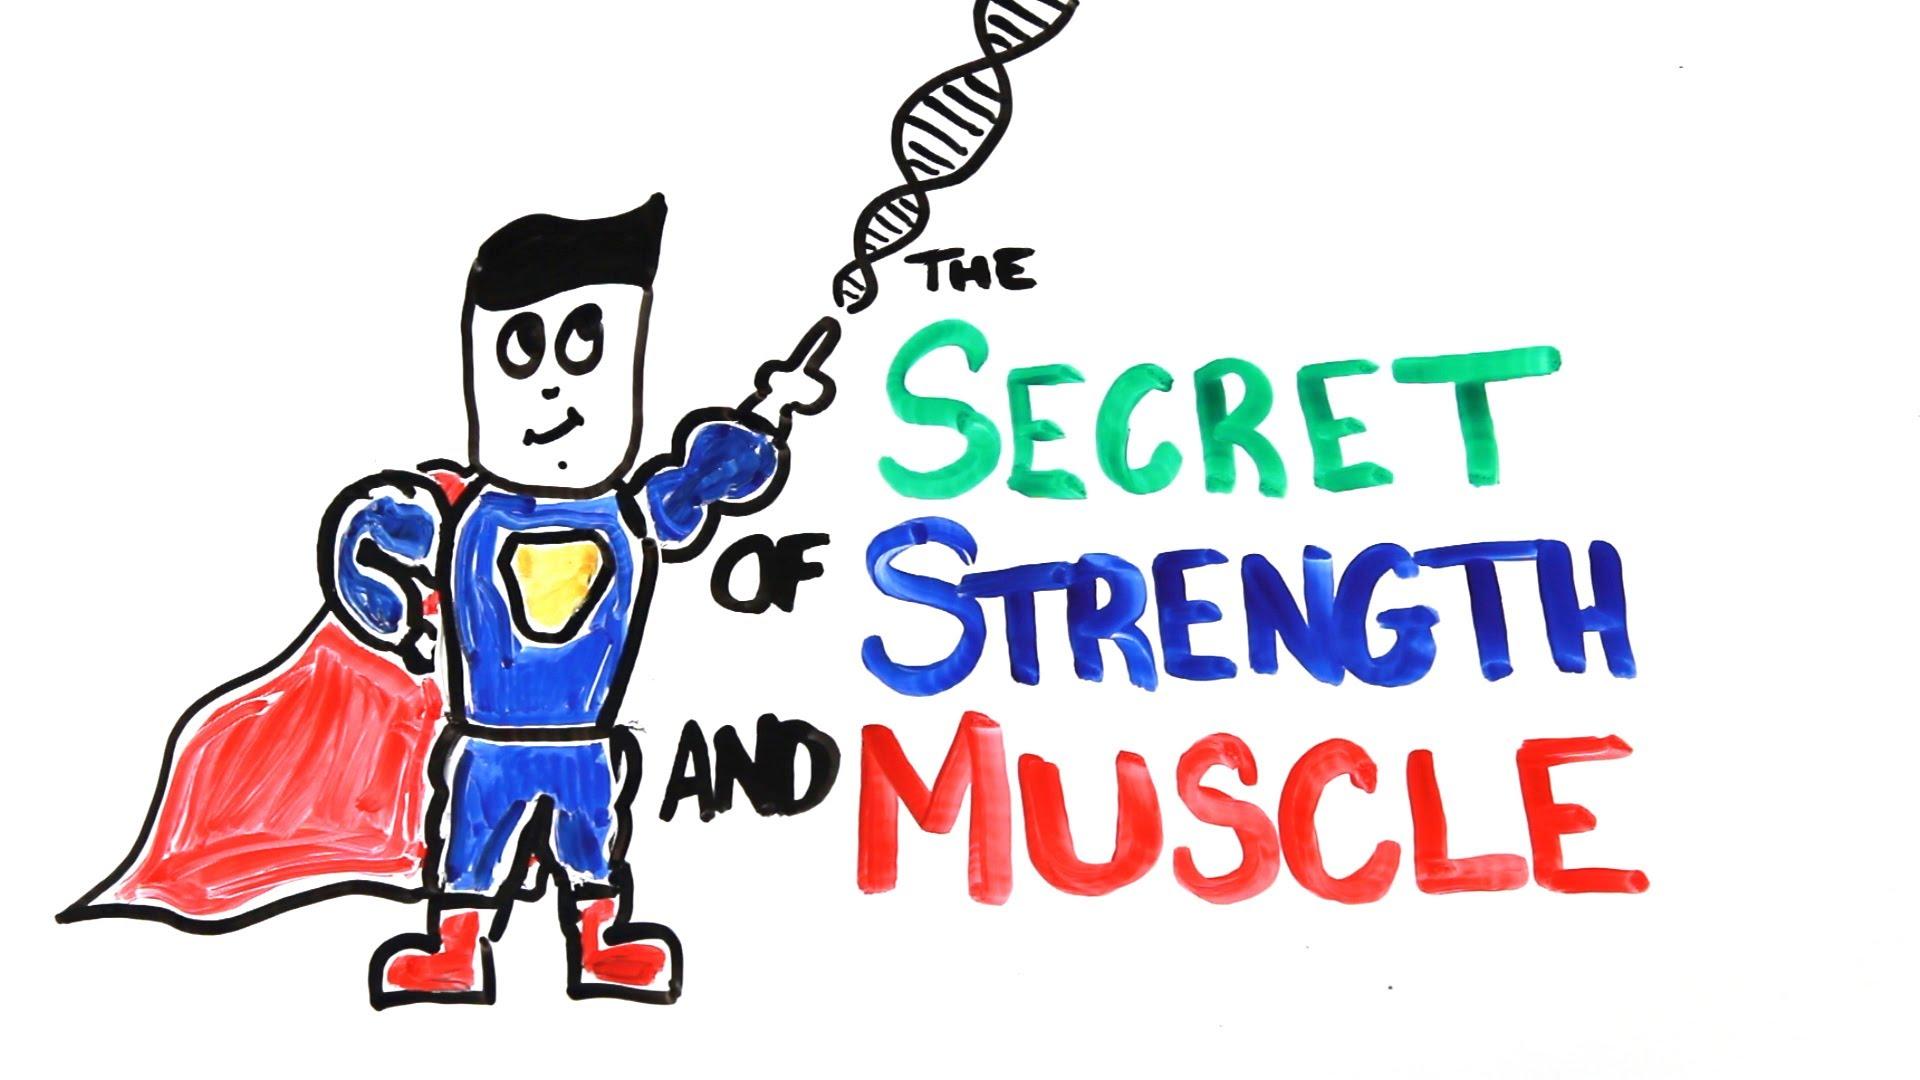 Mussel clipart muscular strength #1